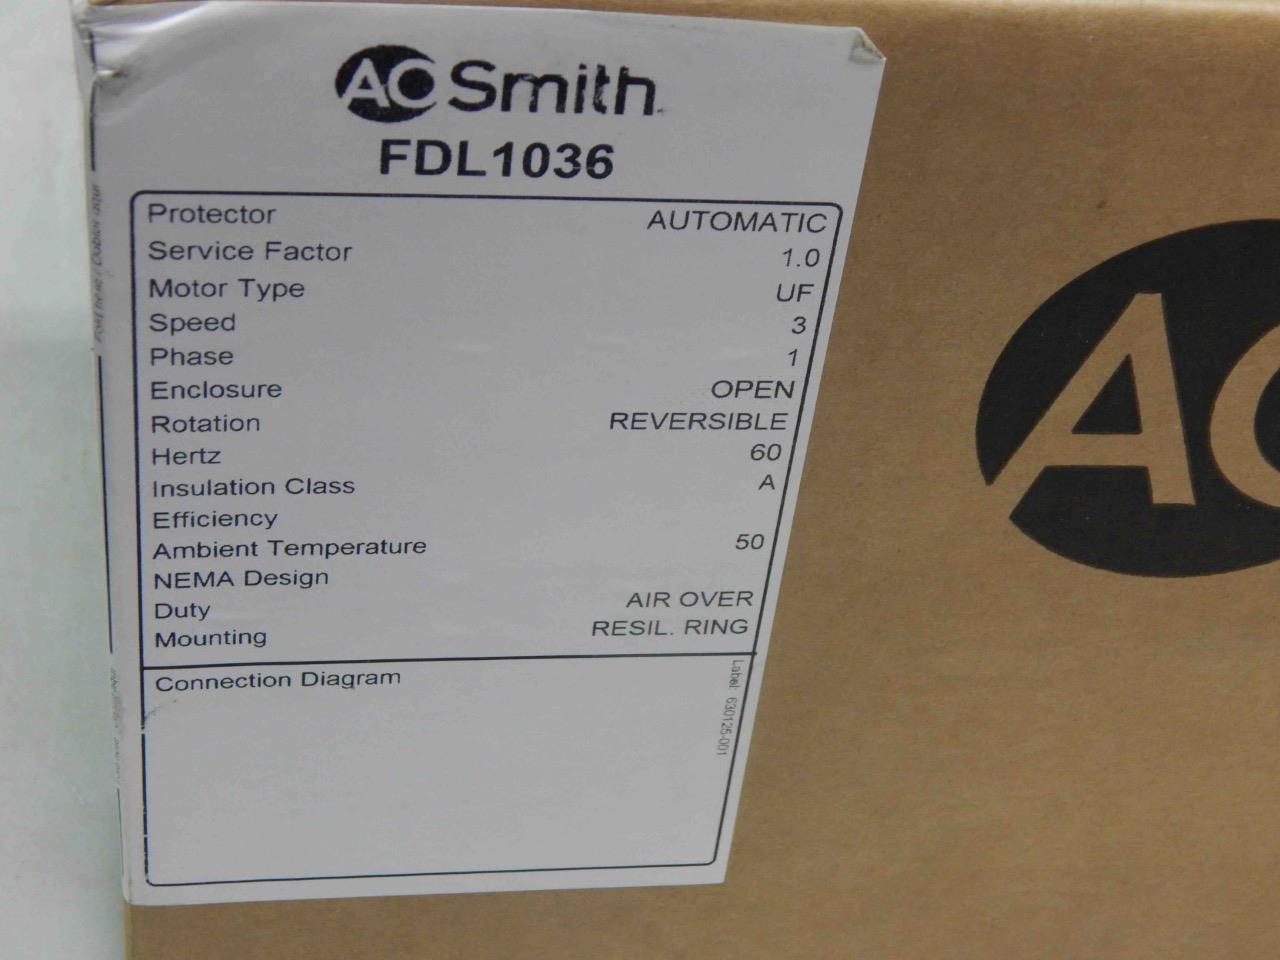 17 AO Smith Motor FDL1036 4MA66 13HP 115V RPM 10753 Spd 48Y Fr NEW 222065080584 3?resize\\\\\\\\\\\\\\\=665%2C499 ebm papst fan wiring diagram 115v gandul 45 77 79 119  at sewacar.co